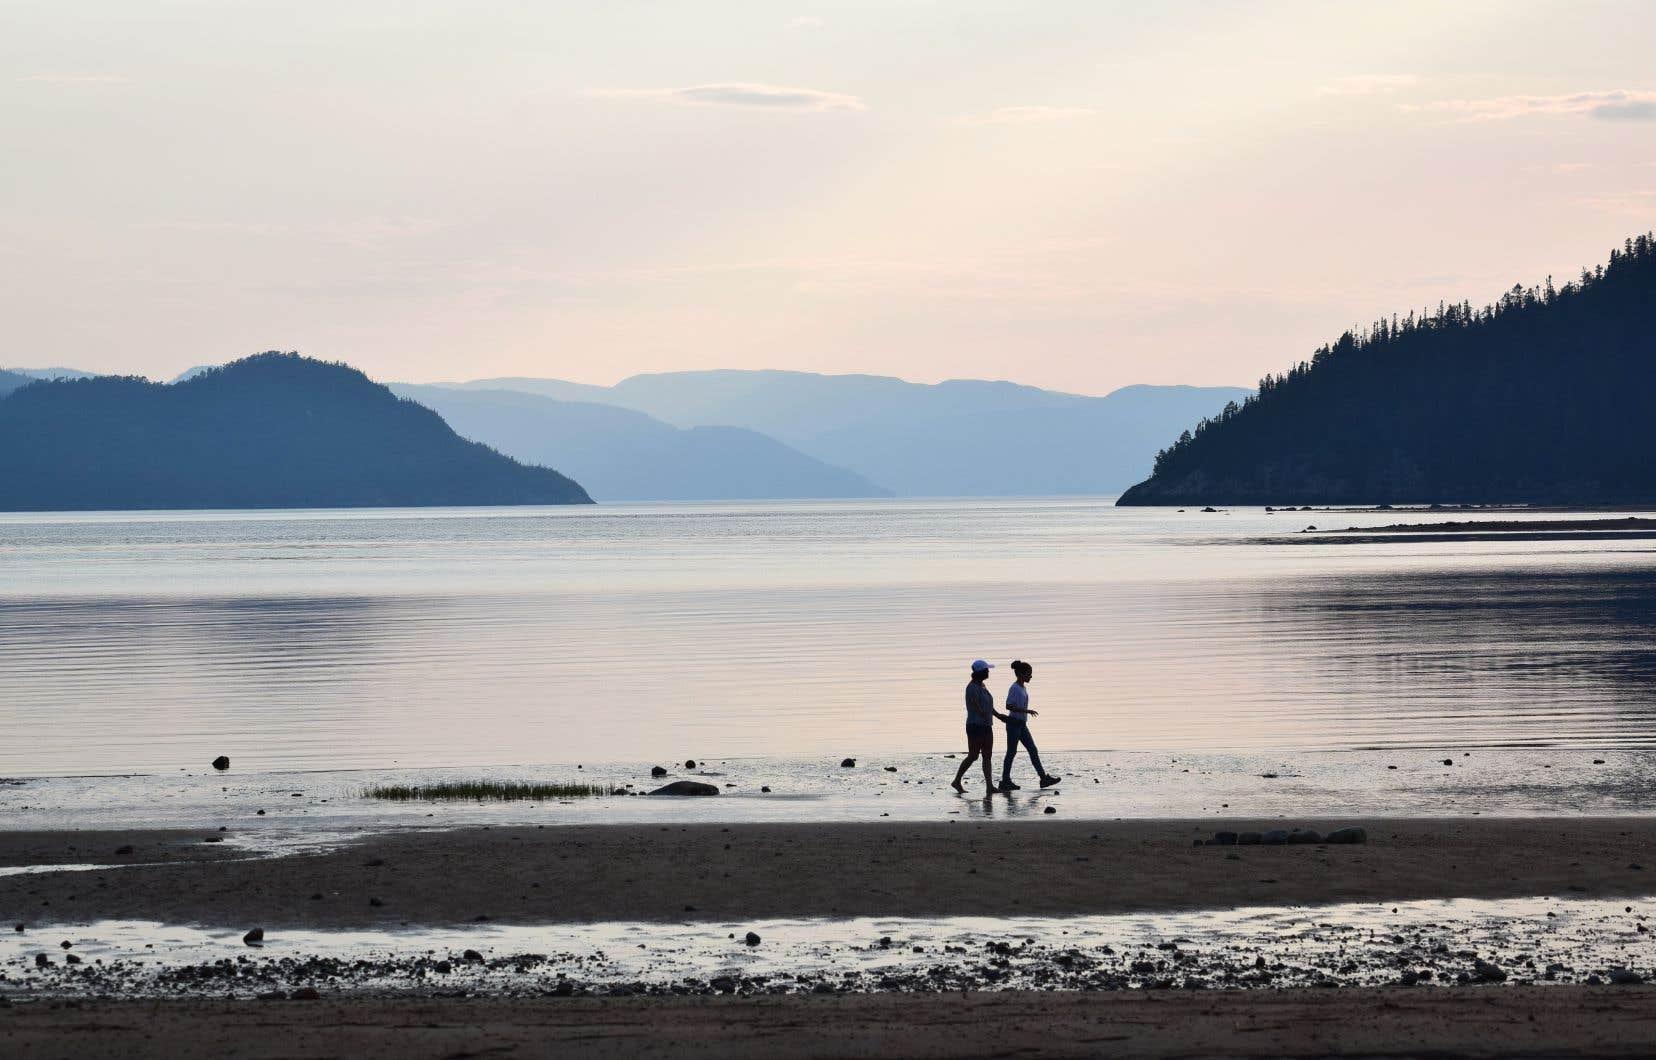 Le Québec s'est engagé, en 2010, à protéger 10% de ses milieux marins et 17% des milieux terrestres d'ici la fin de 2020. Sur la photo, le Parc national du Fjord du- Saguenay.